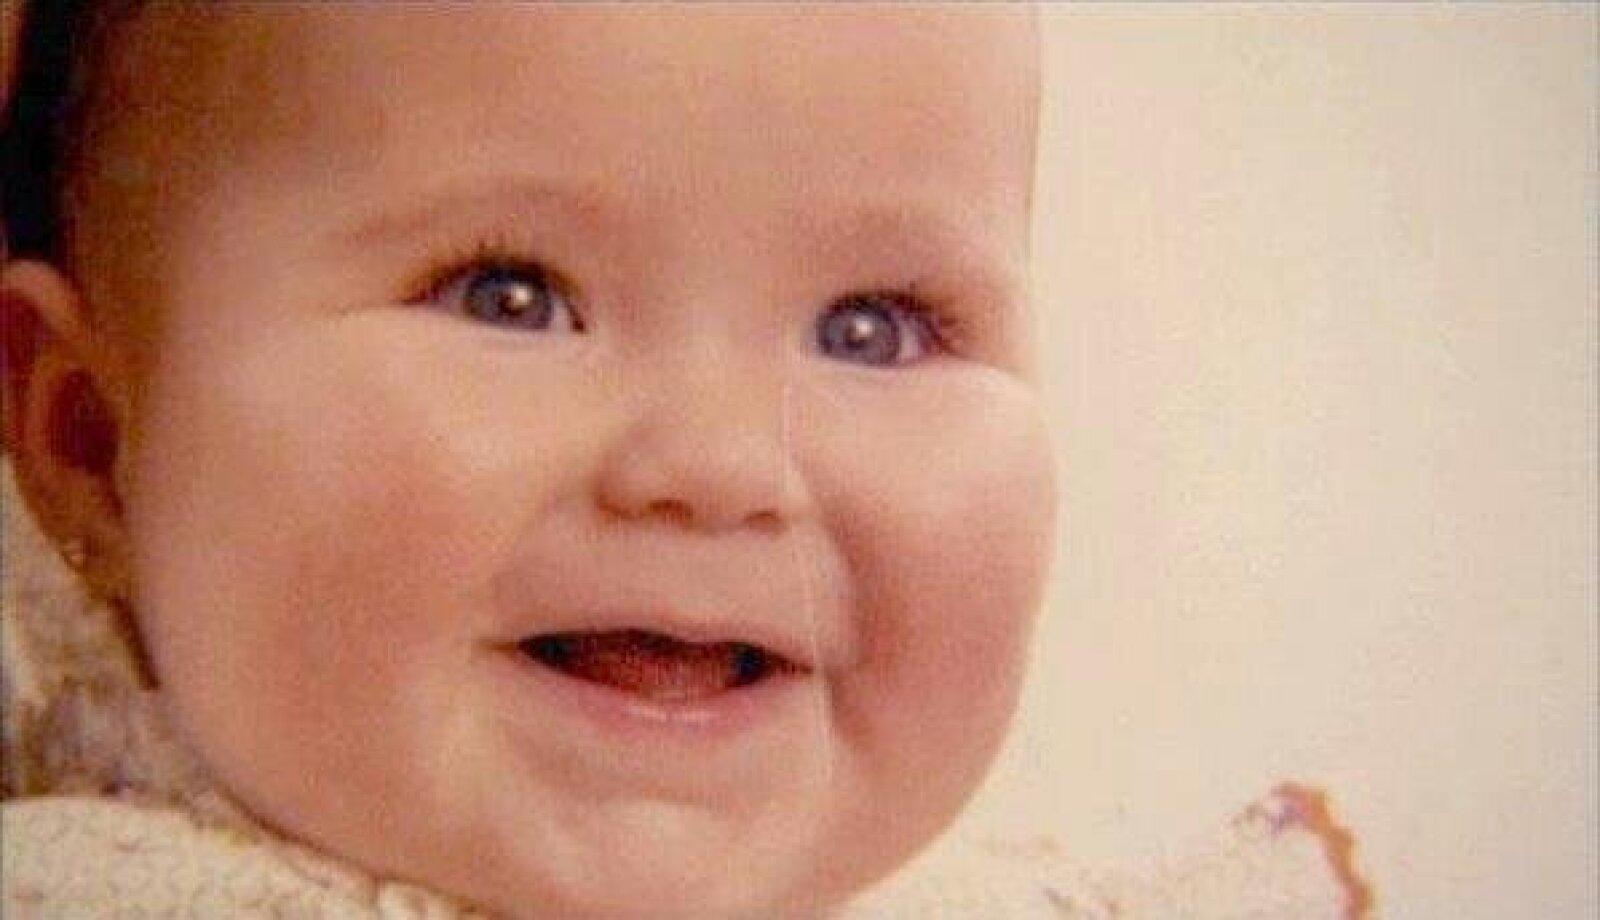 Esta encantadora rubia es Anahí. Desde su cuenta de Twitter la cantante deseó un feliz día.